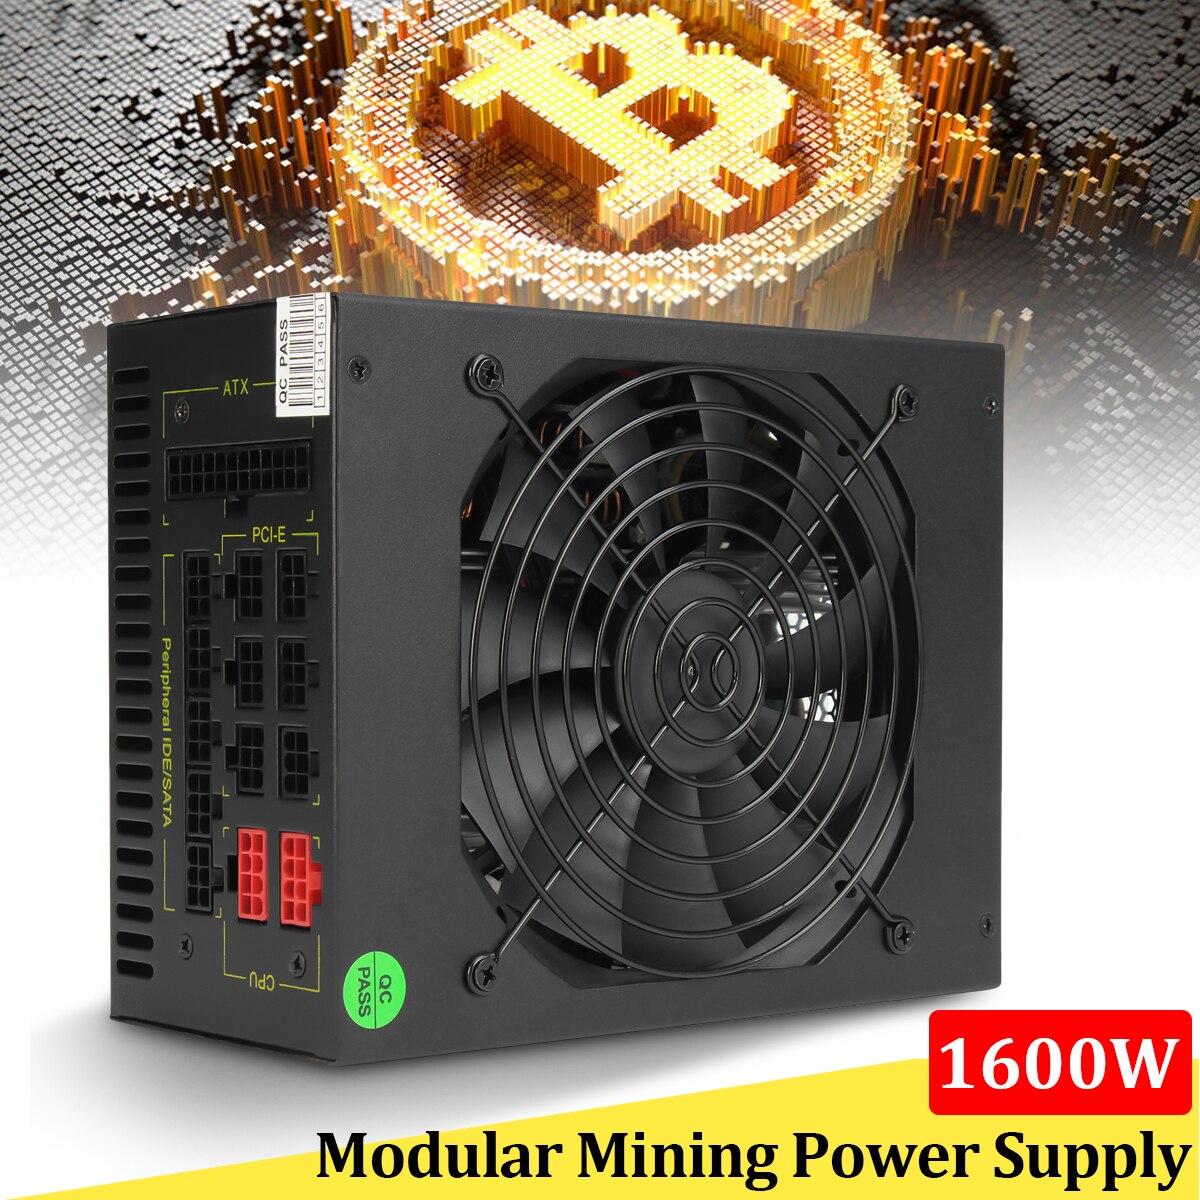 1600 w Modular fonte de Alimentação GPU Para Bitcoin Miner Mineração Rig Eth S7 S9 L3 + D3 computador de Alta Qualidade fonte de Alimentação Para BTC